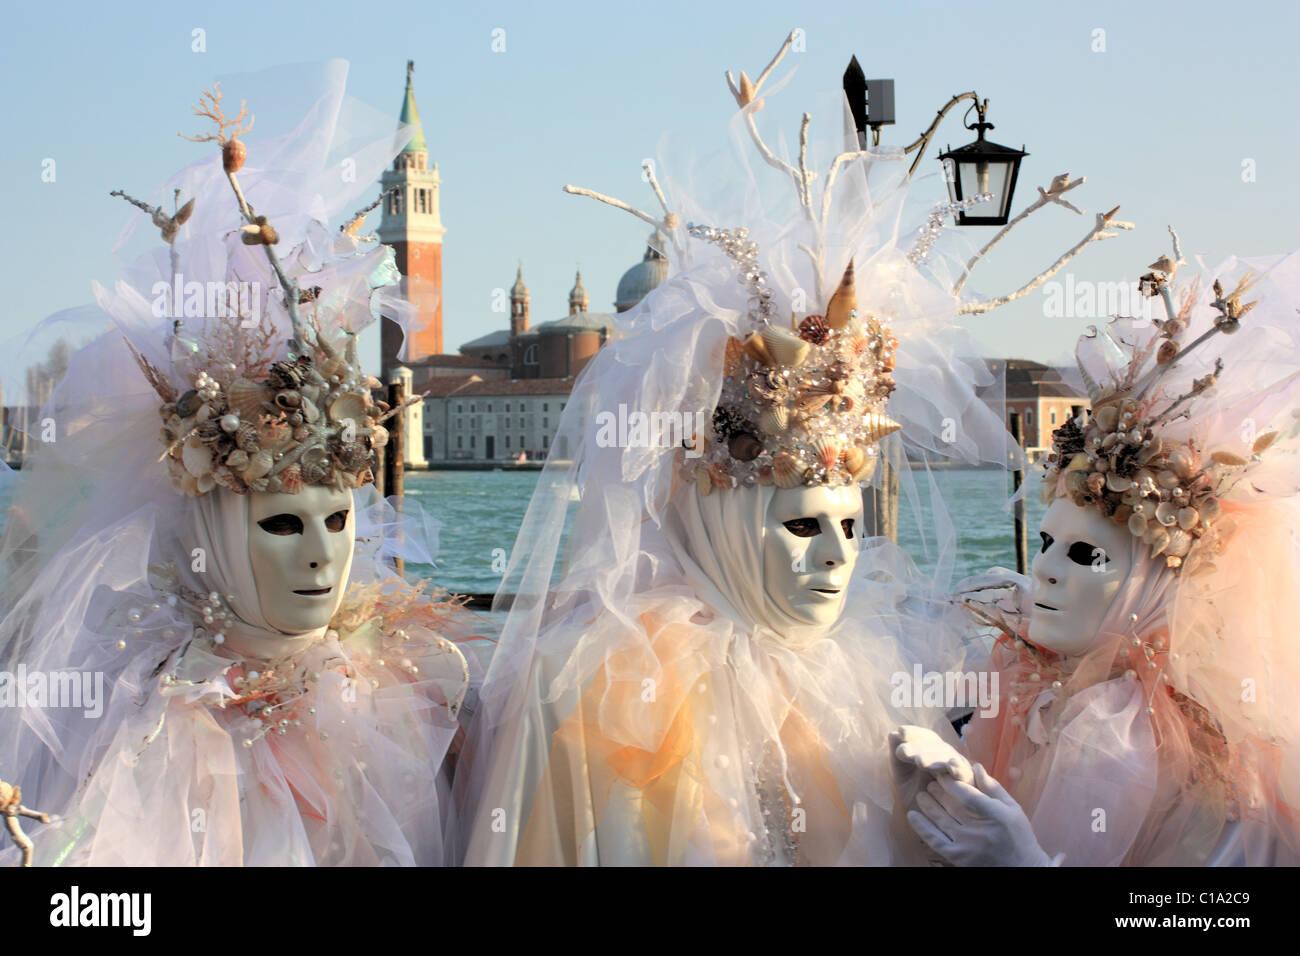 Carnevale a Venezia, Italia. IT: il Carnevale di Venezia, Italia. DE: Karneval in Venedig, ITALIEN. FR: Carnaval Immagini Stock